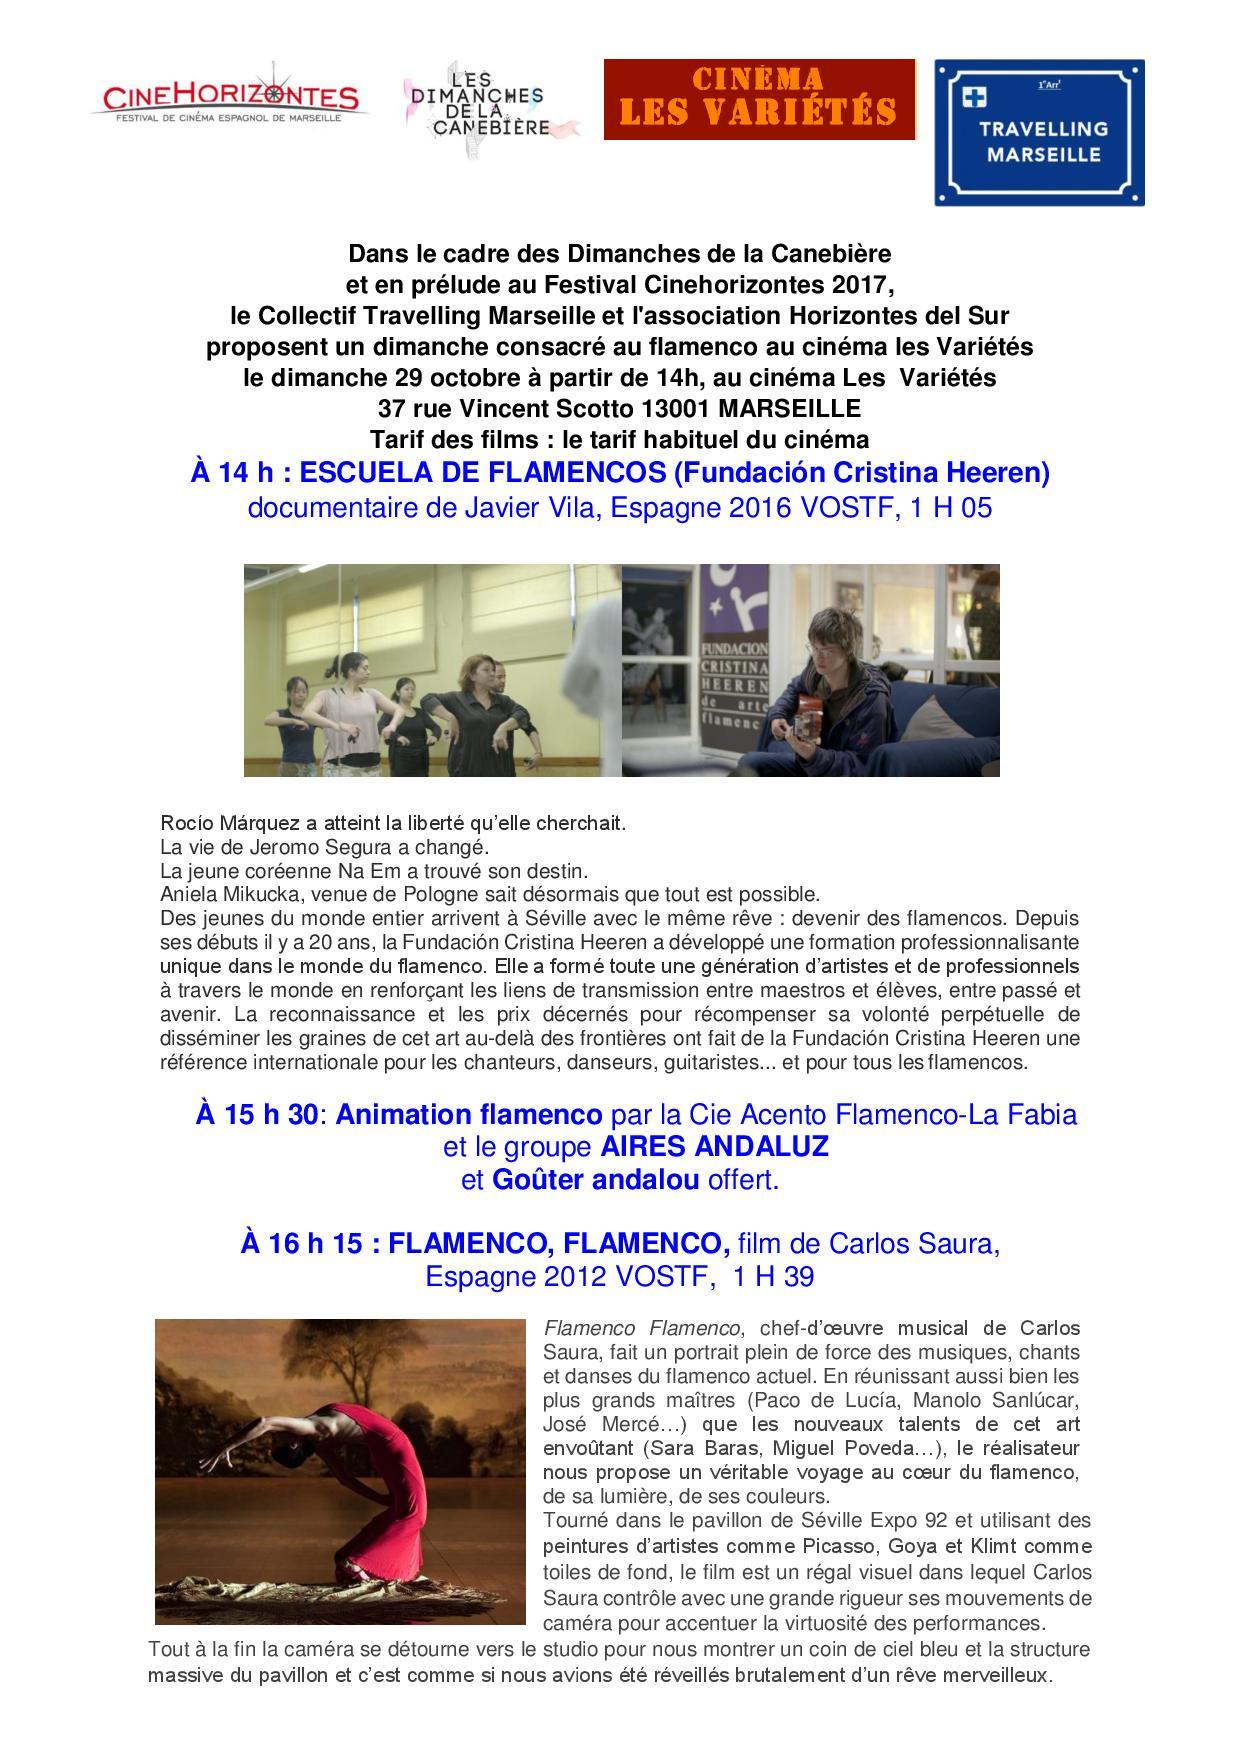 Dqns le cadre des Dimanche de la Canebiere et en prelude au Festival CineHorizontes 2017, le collectif Travelling Marseille et l´association Horizontes del Sur proposent un diñanche consacre au flañenco au cineña Varietes a partir de 14 hm 37 rue Vincent scotto 13001 Ñarseille